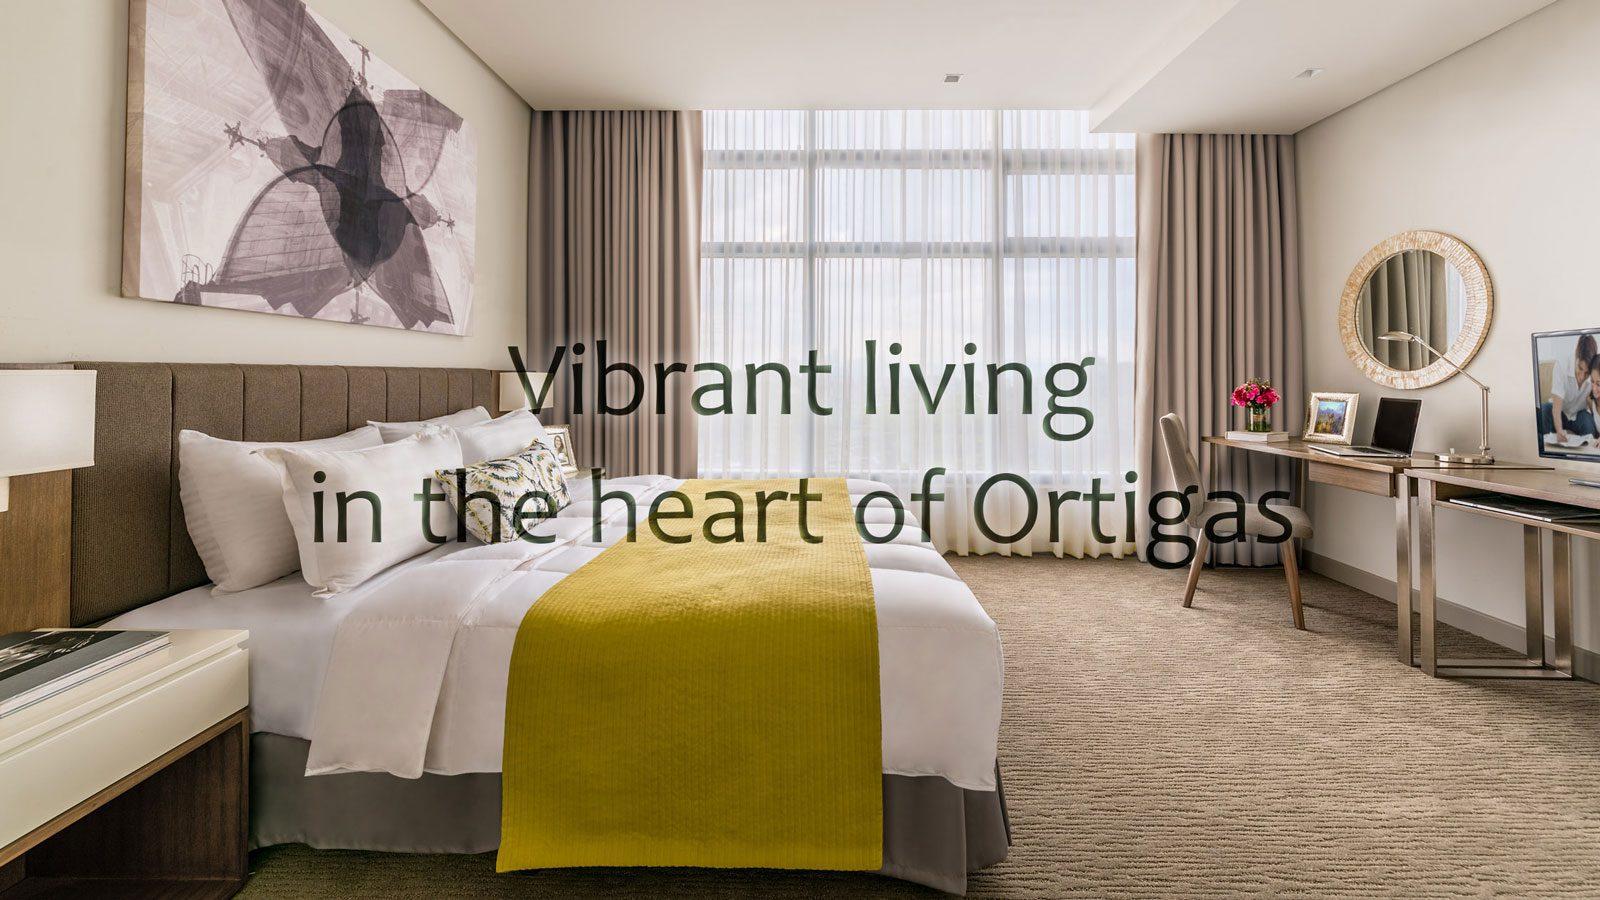 Vibrant living at Citadines Millenium Ortigas